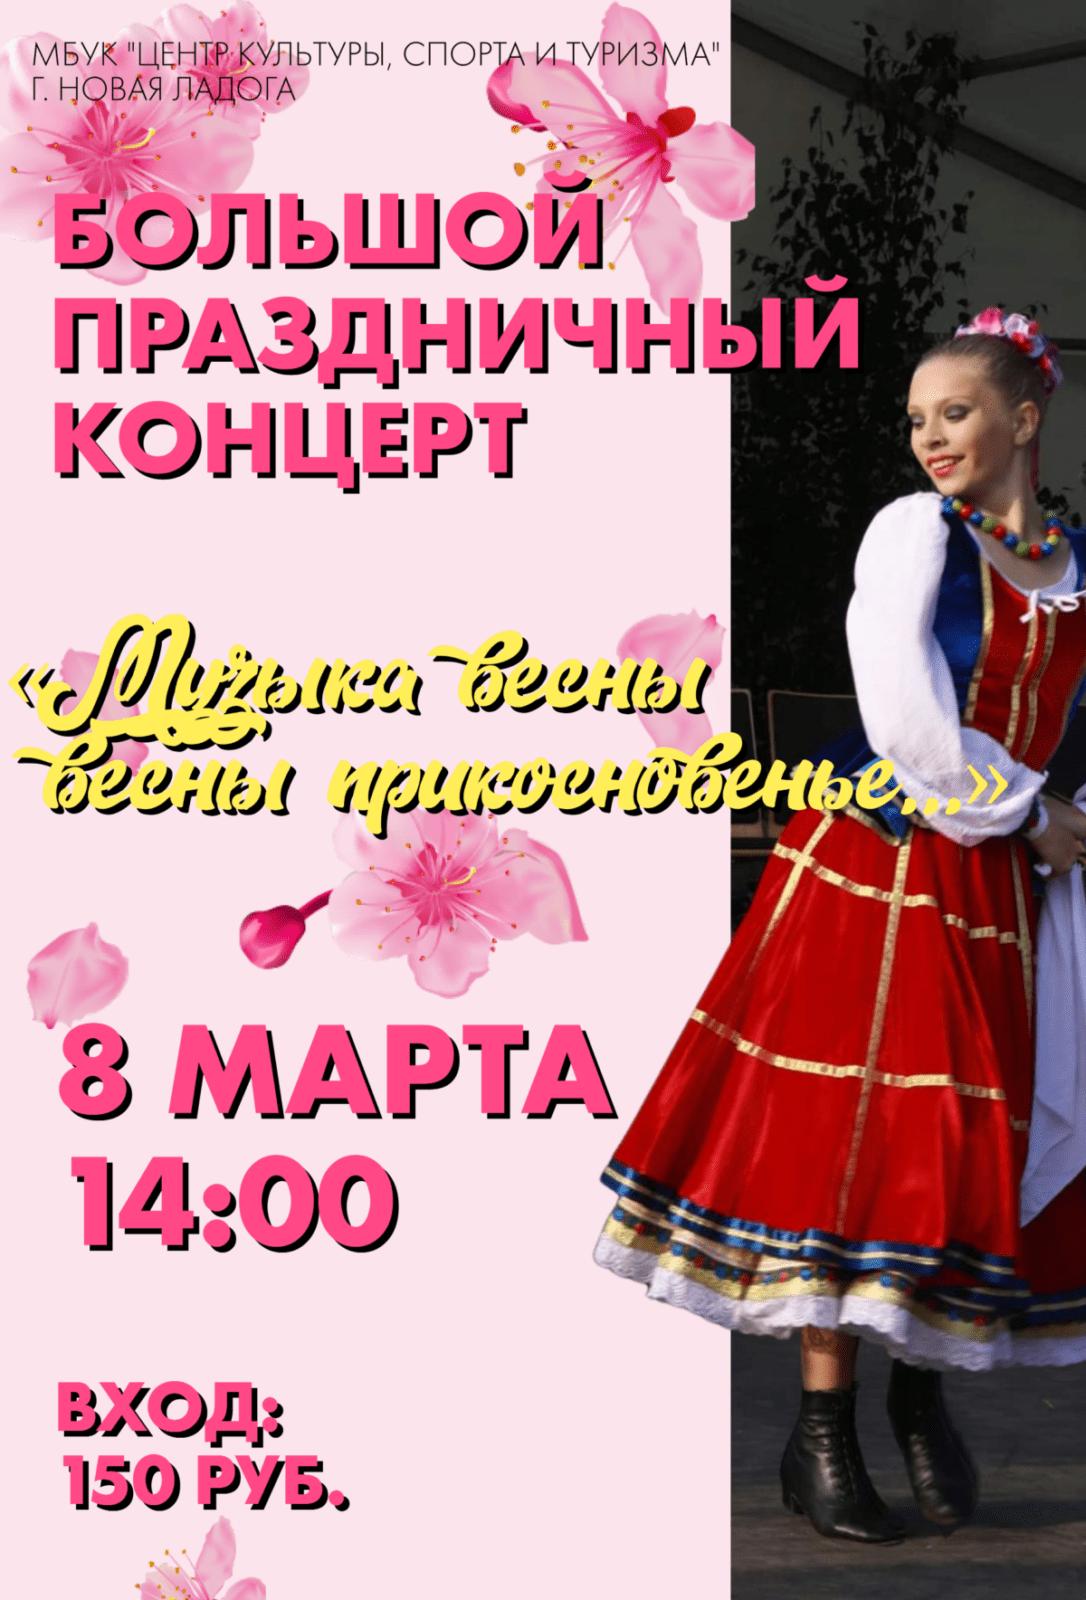 """Большой праздничный концерт """"Музыка весны, весны прикосновенье"""""""